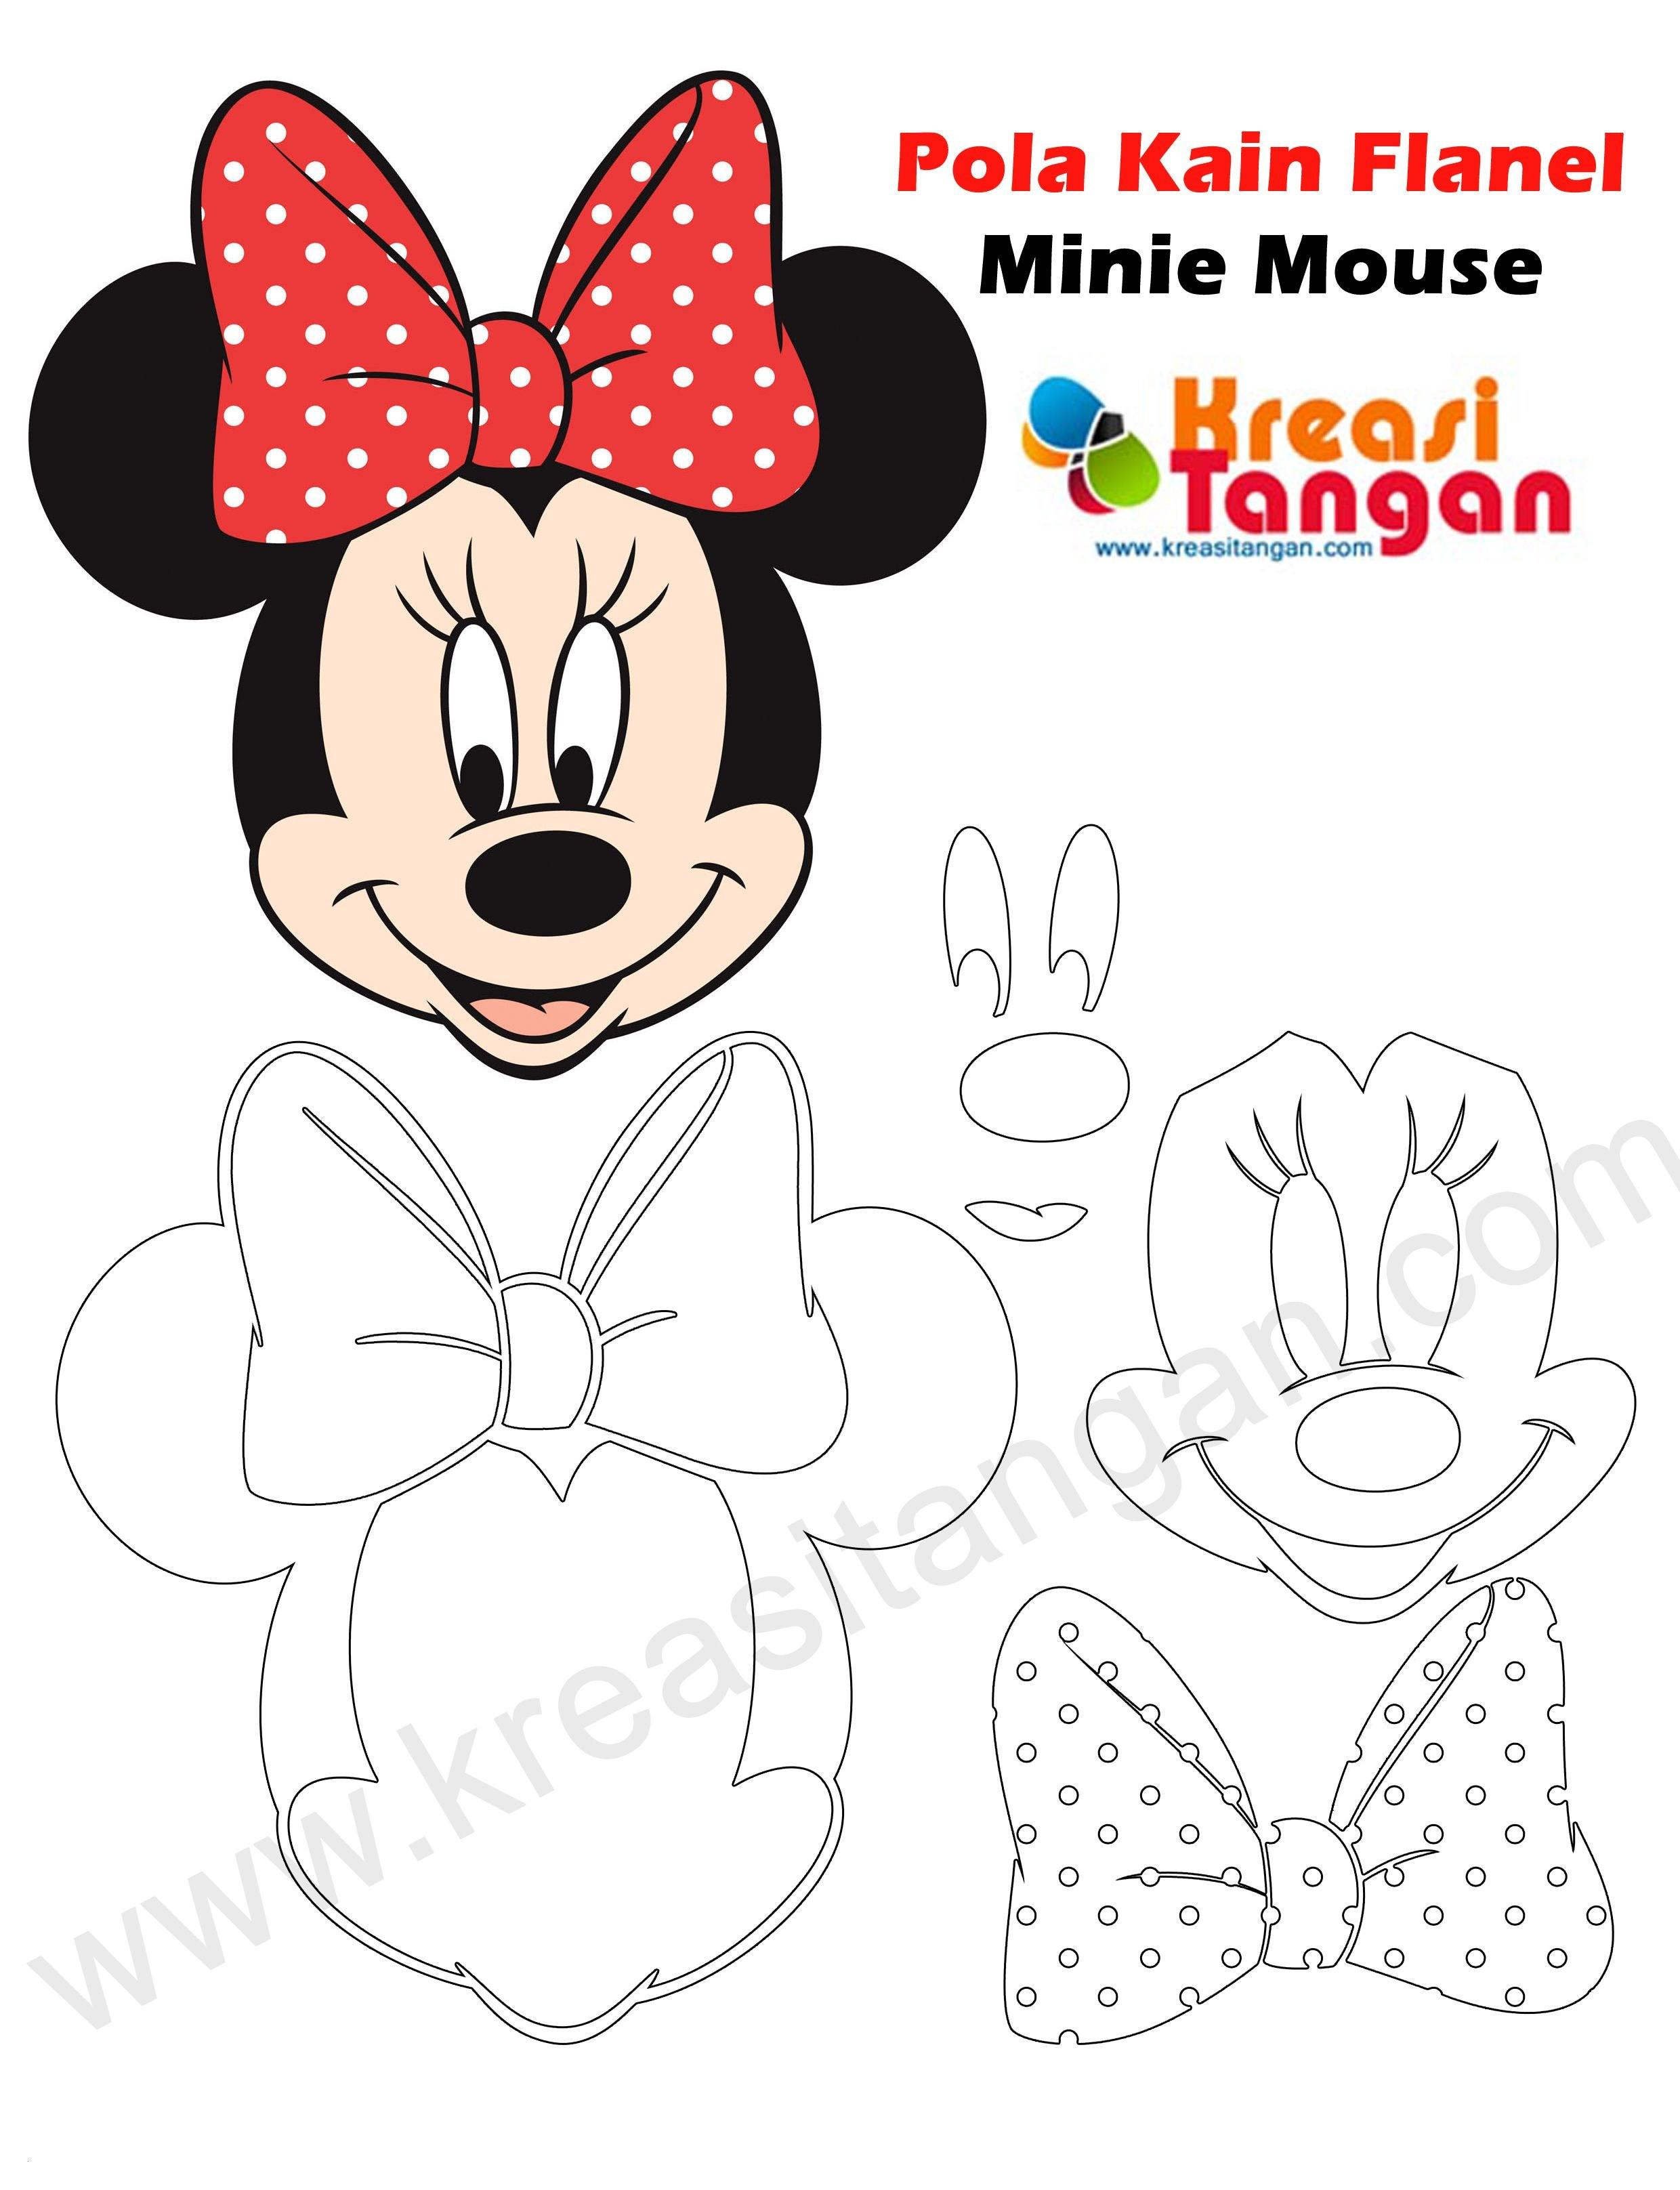 Malvorlagen Weihnachten Disney Neu Micky Maus Ausmalbilder Weihnachten Unique Disney Ausmalbilder Fotos